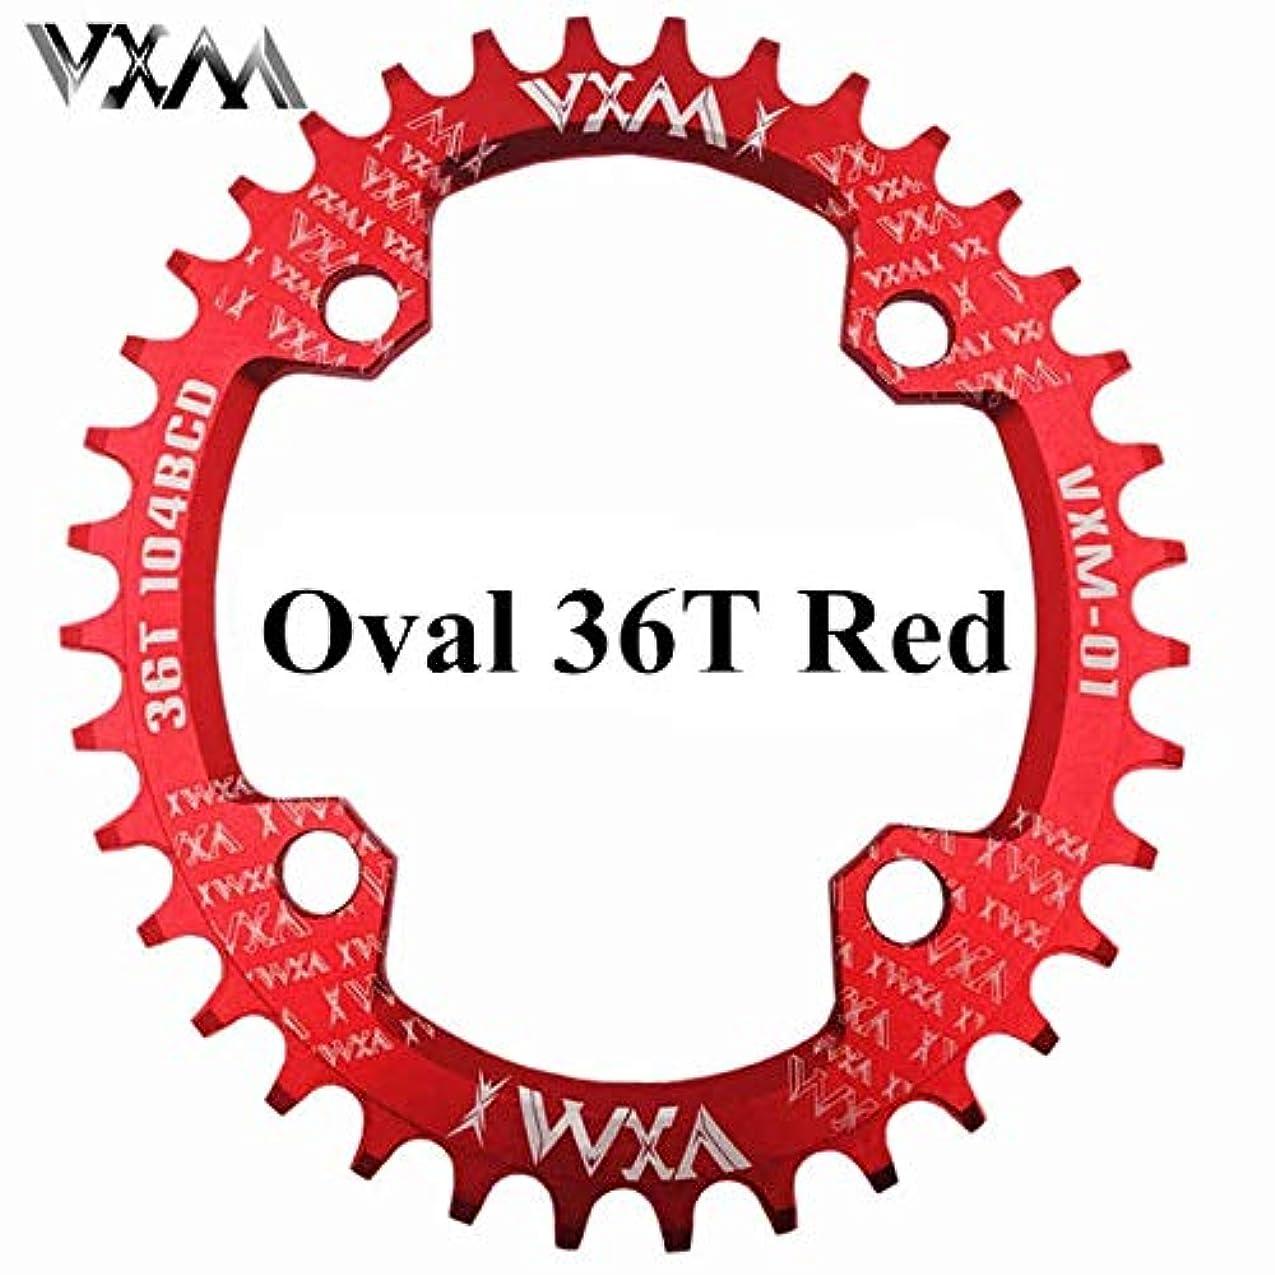 いじめっ子苛性忘れられないPropenary - 自転車104BCDクランクオーバルラウンド30T 32T 34T 36T 38T 40T 42T 44T 46T 48T 50T 52TチェーンホイールXT狭い広い自転車チェーンリング[オーバル36Tレッド]